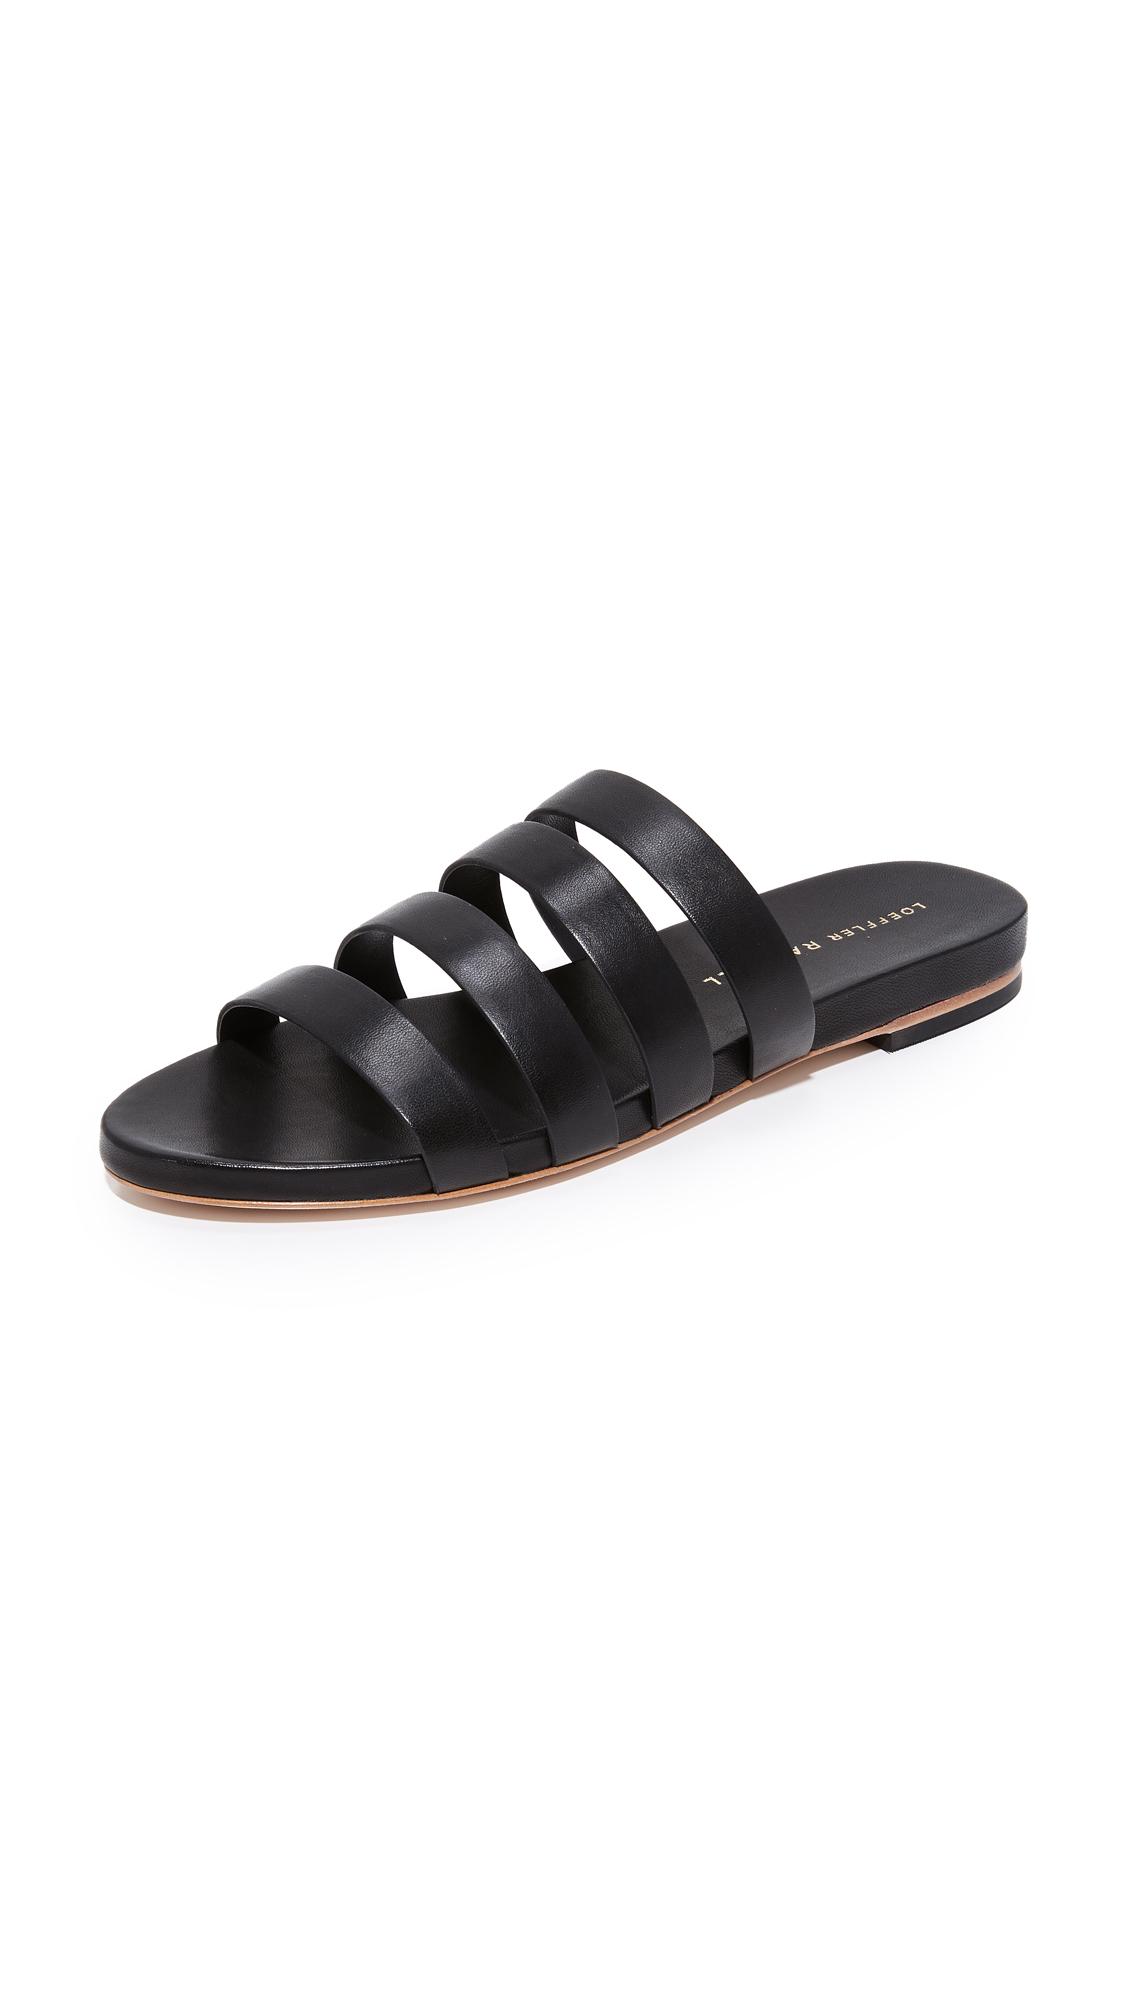 Loeffler Randall Casper Slides - Black